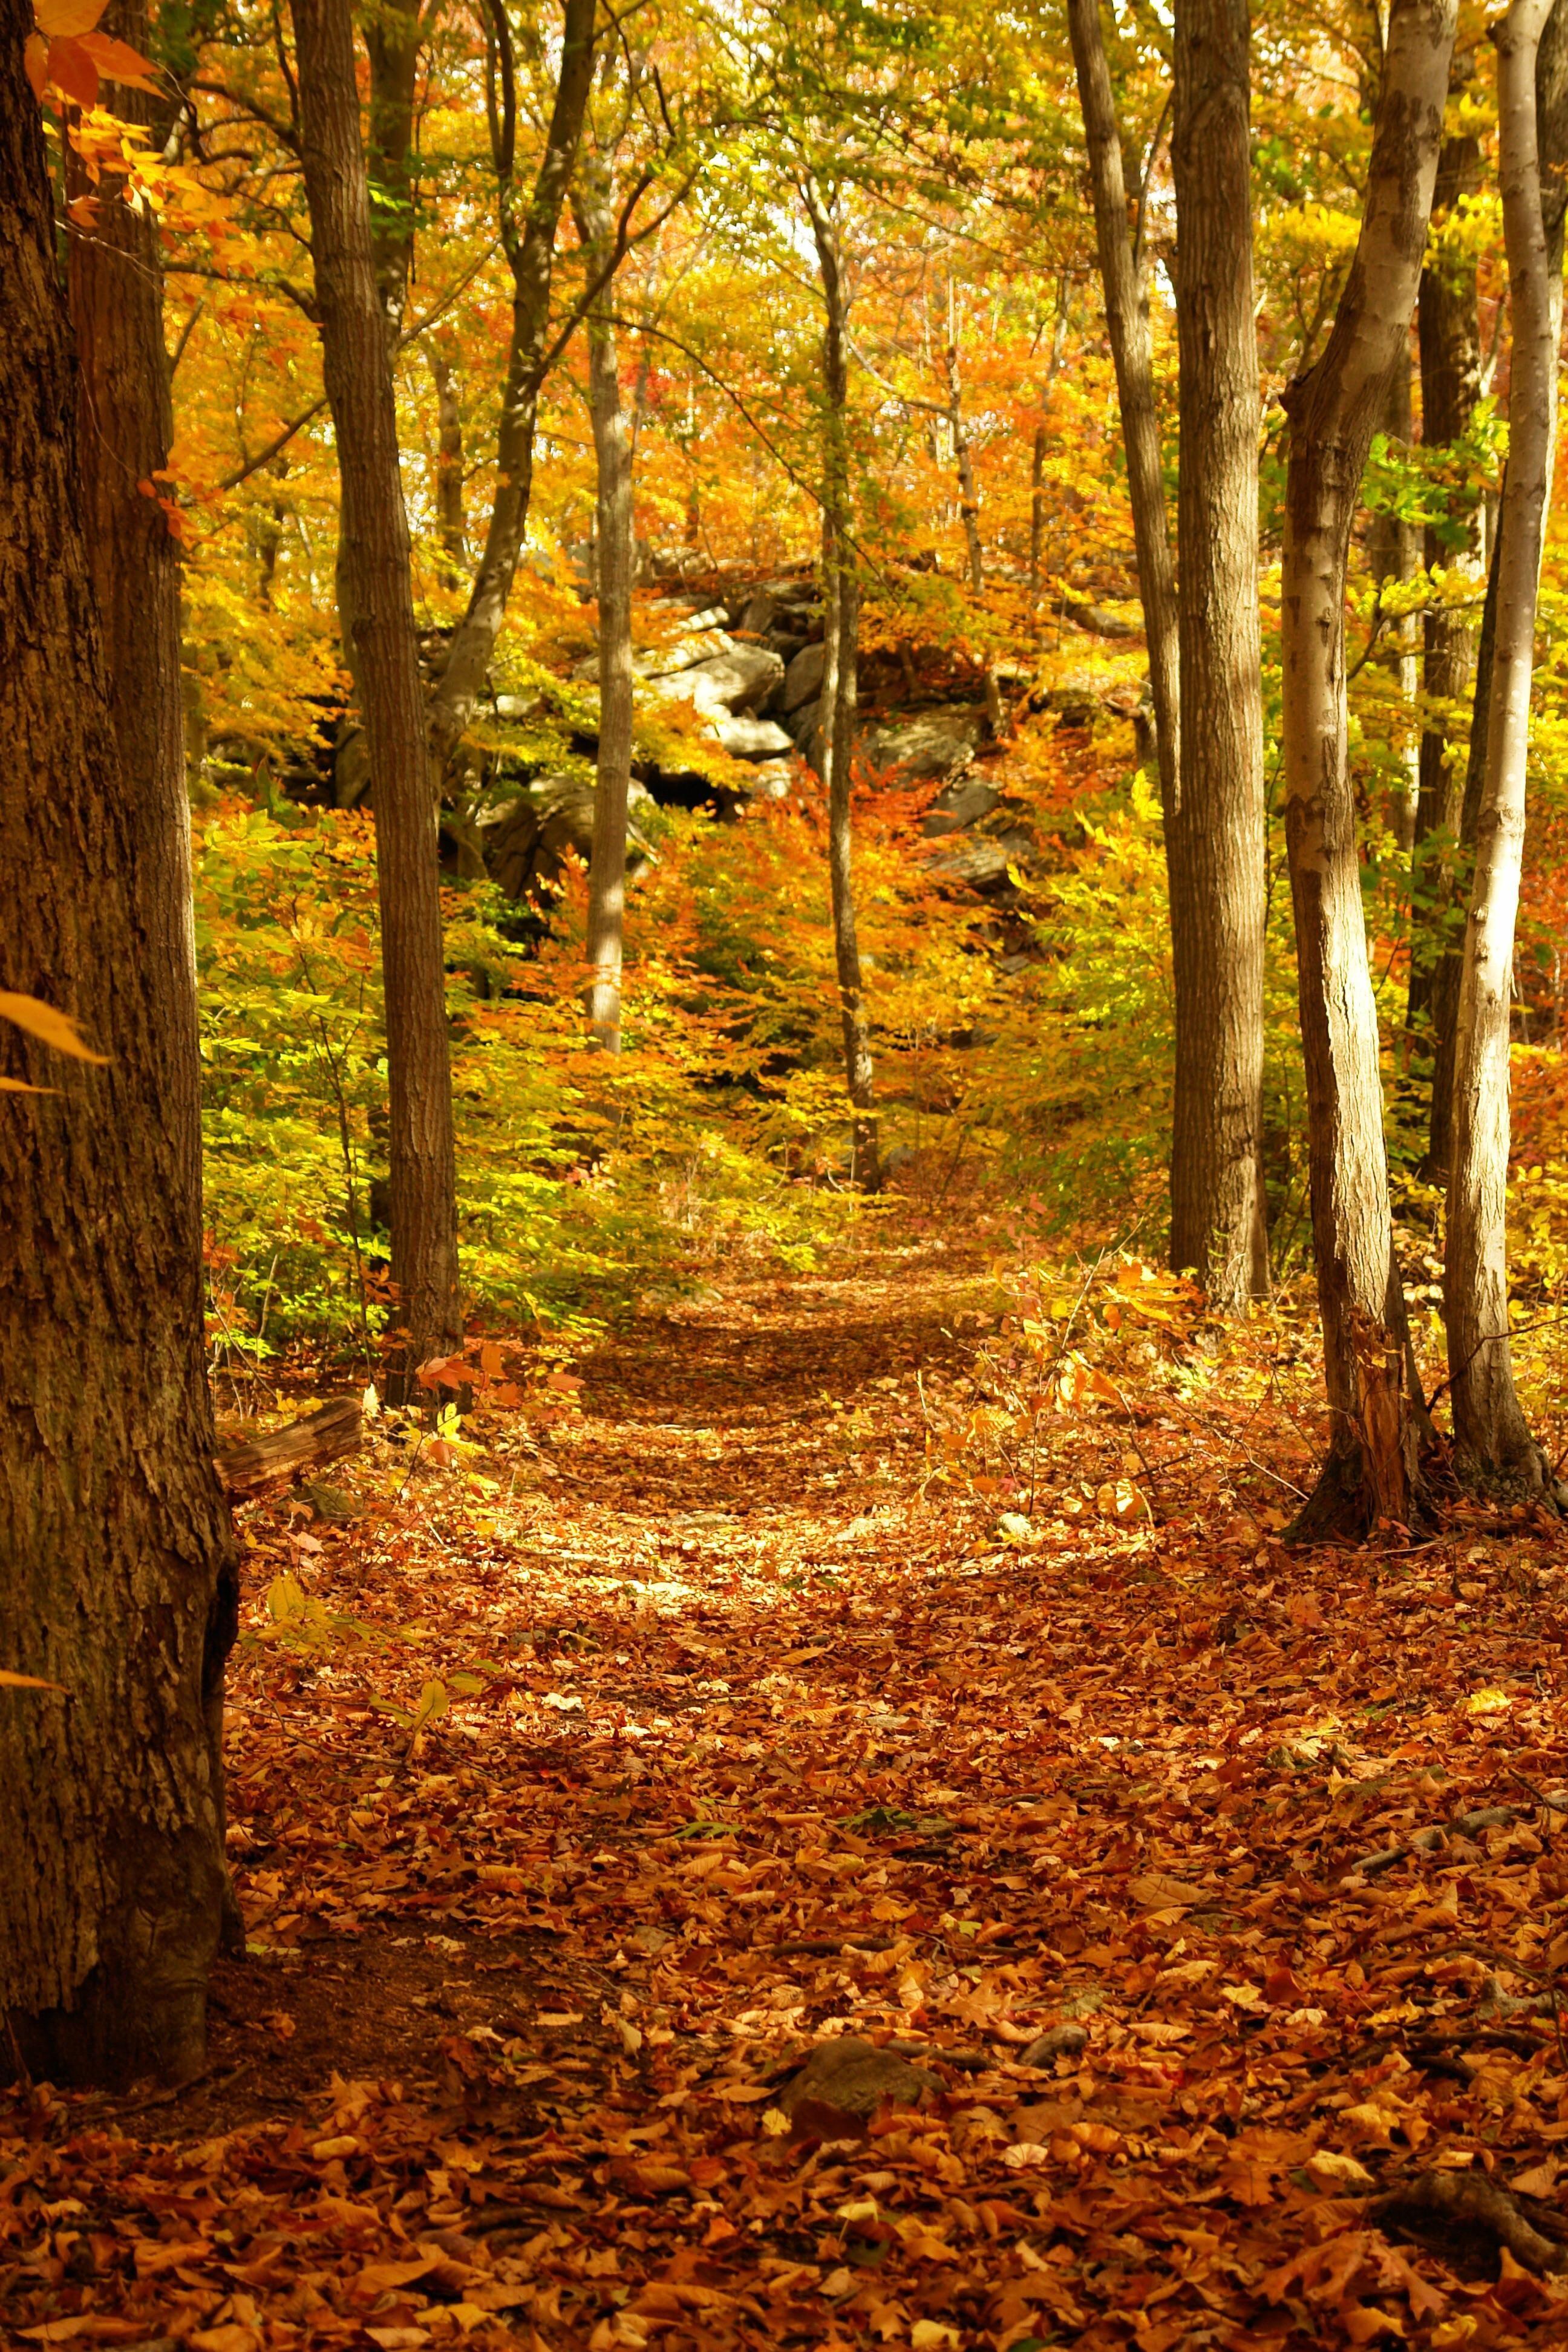 Fall in Connecticut [OC] [3888x2592] rickyricardo808 http://ift.tt/2yEb3rg October 21 2017 at 12:02AMon reddit.com/r/ EarthPorn